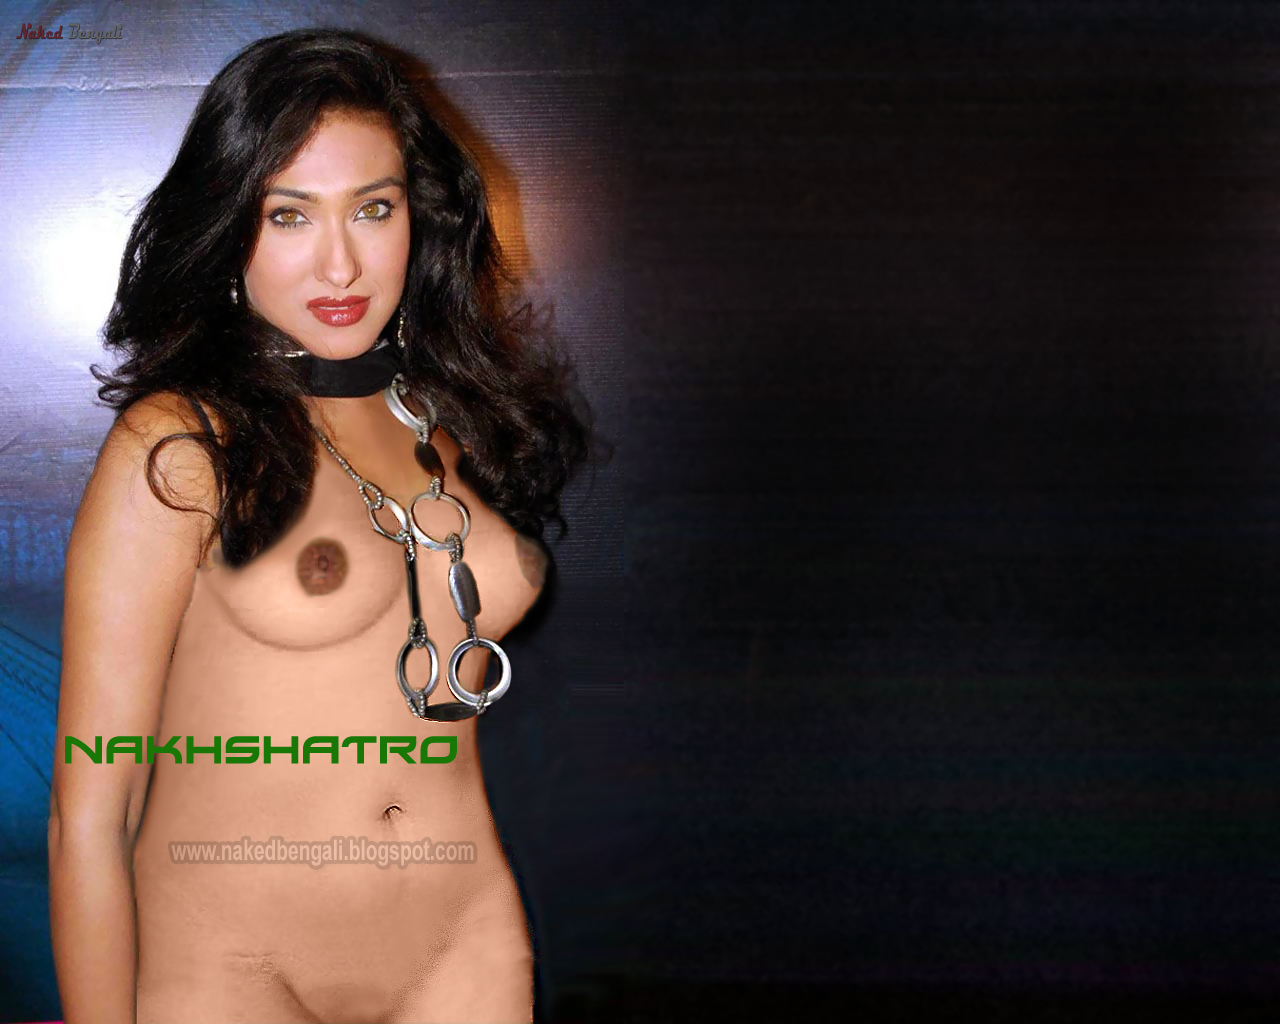 Rituparna Sengupta Naked